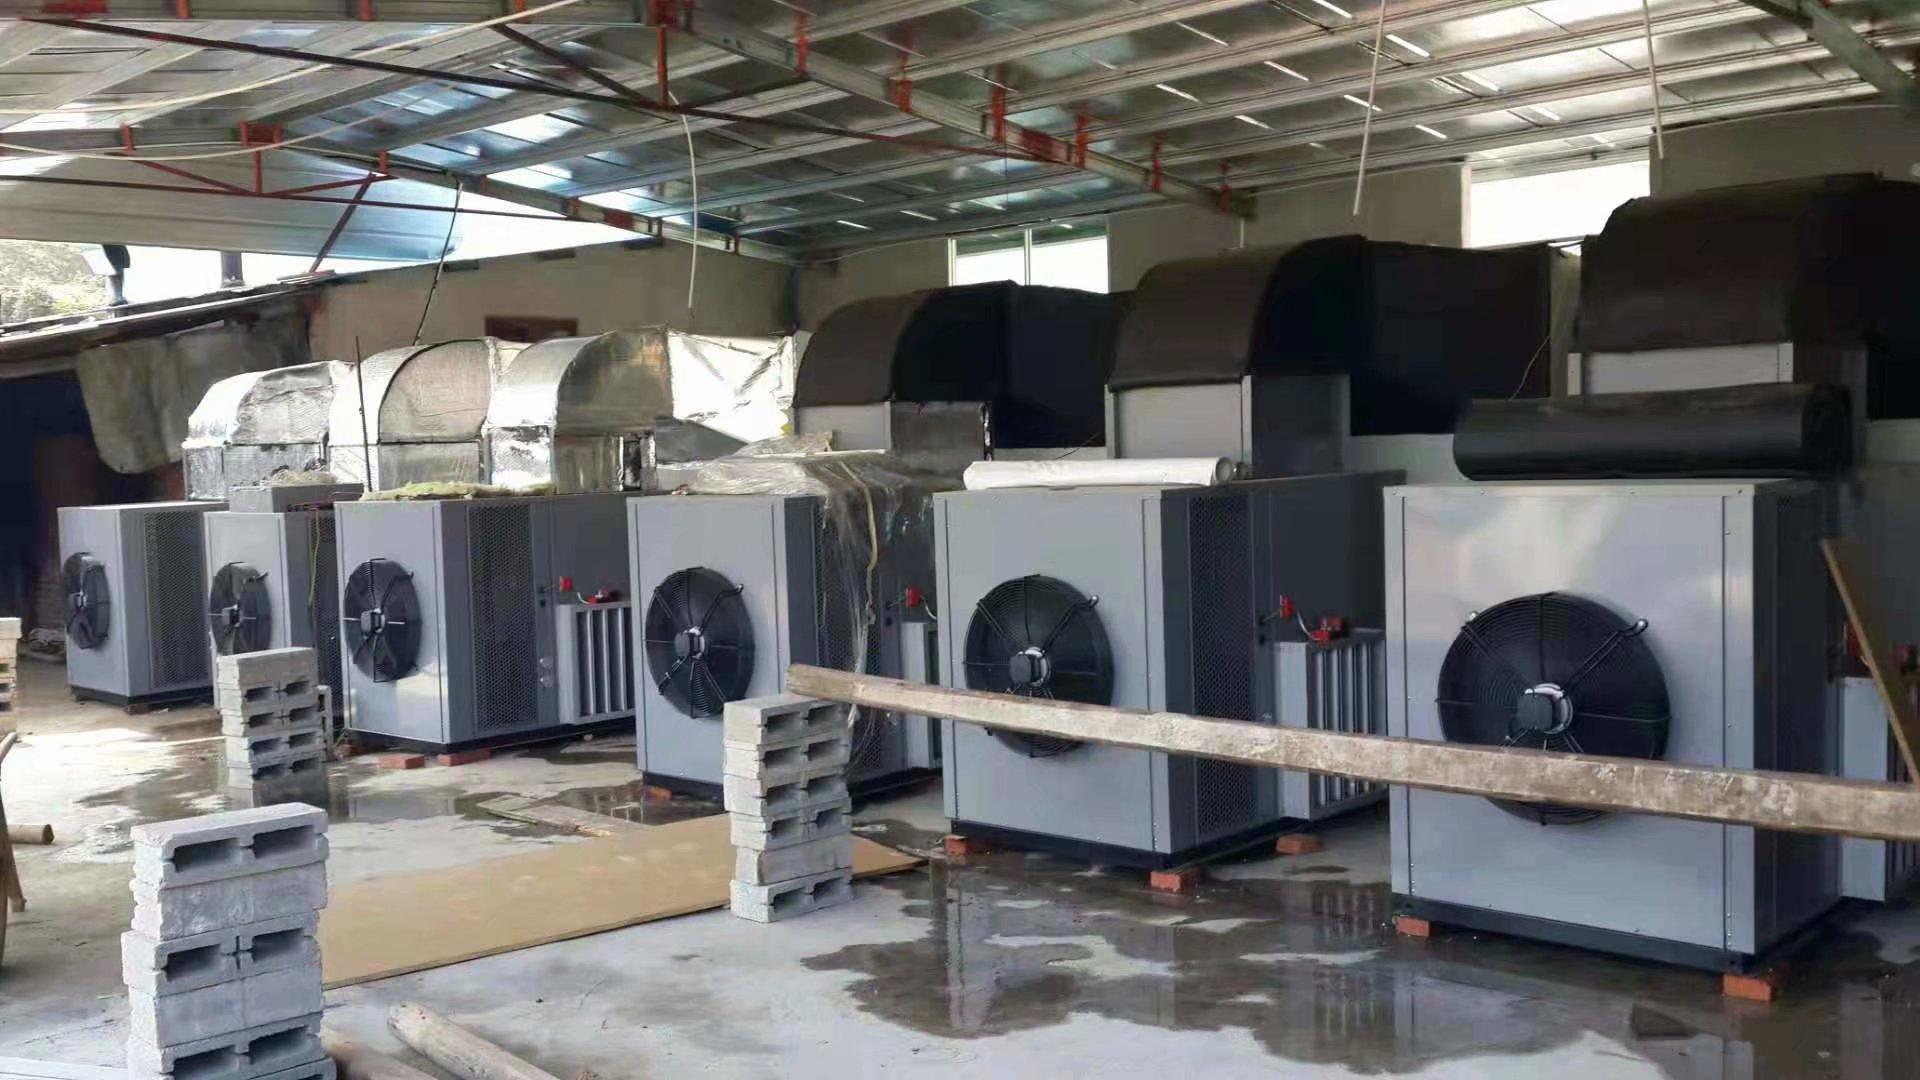 食品热泵烘干机,浙江宁波食品热泵烘干机厂家,浙江宁波食品热泵烘干机报价